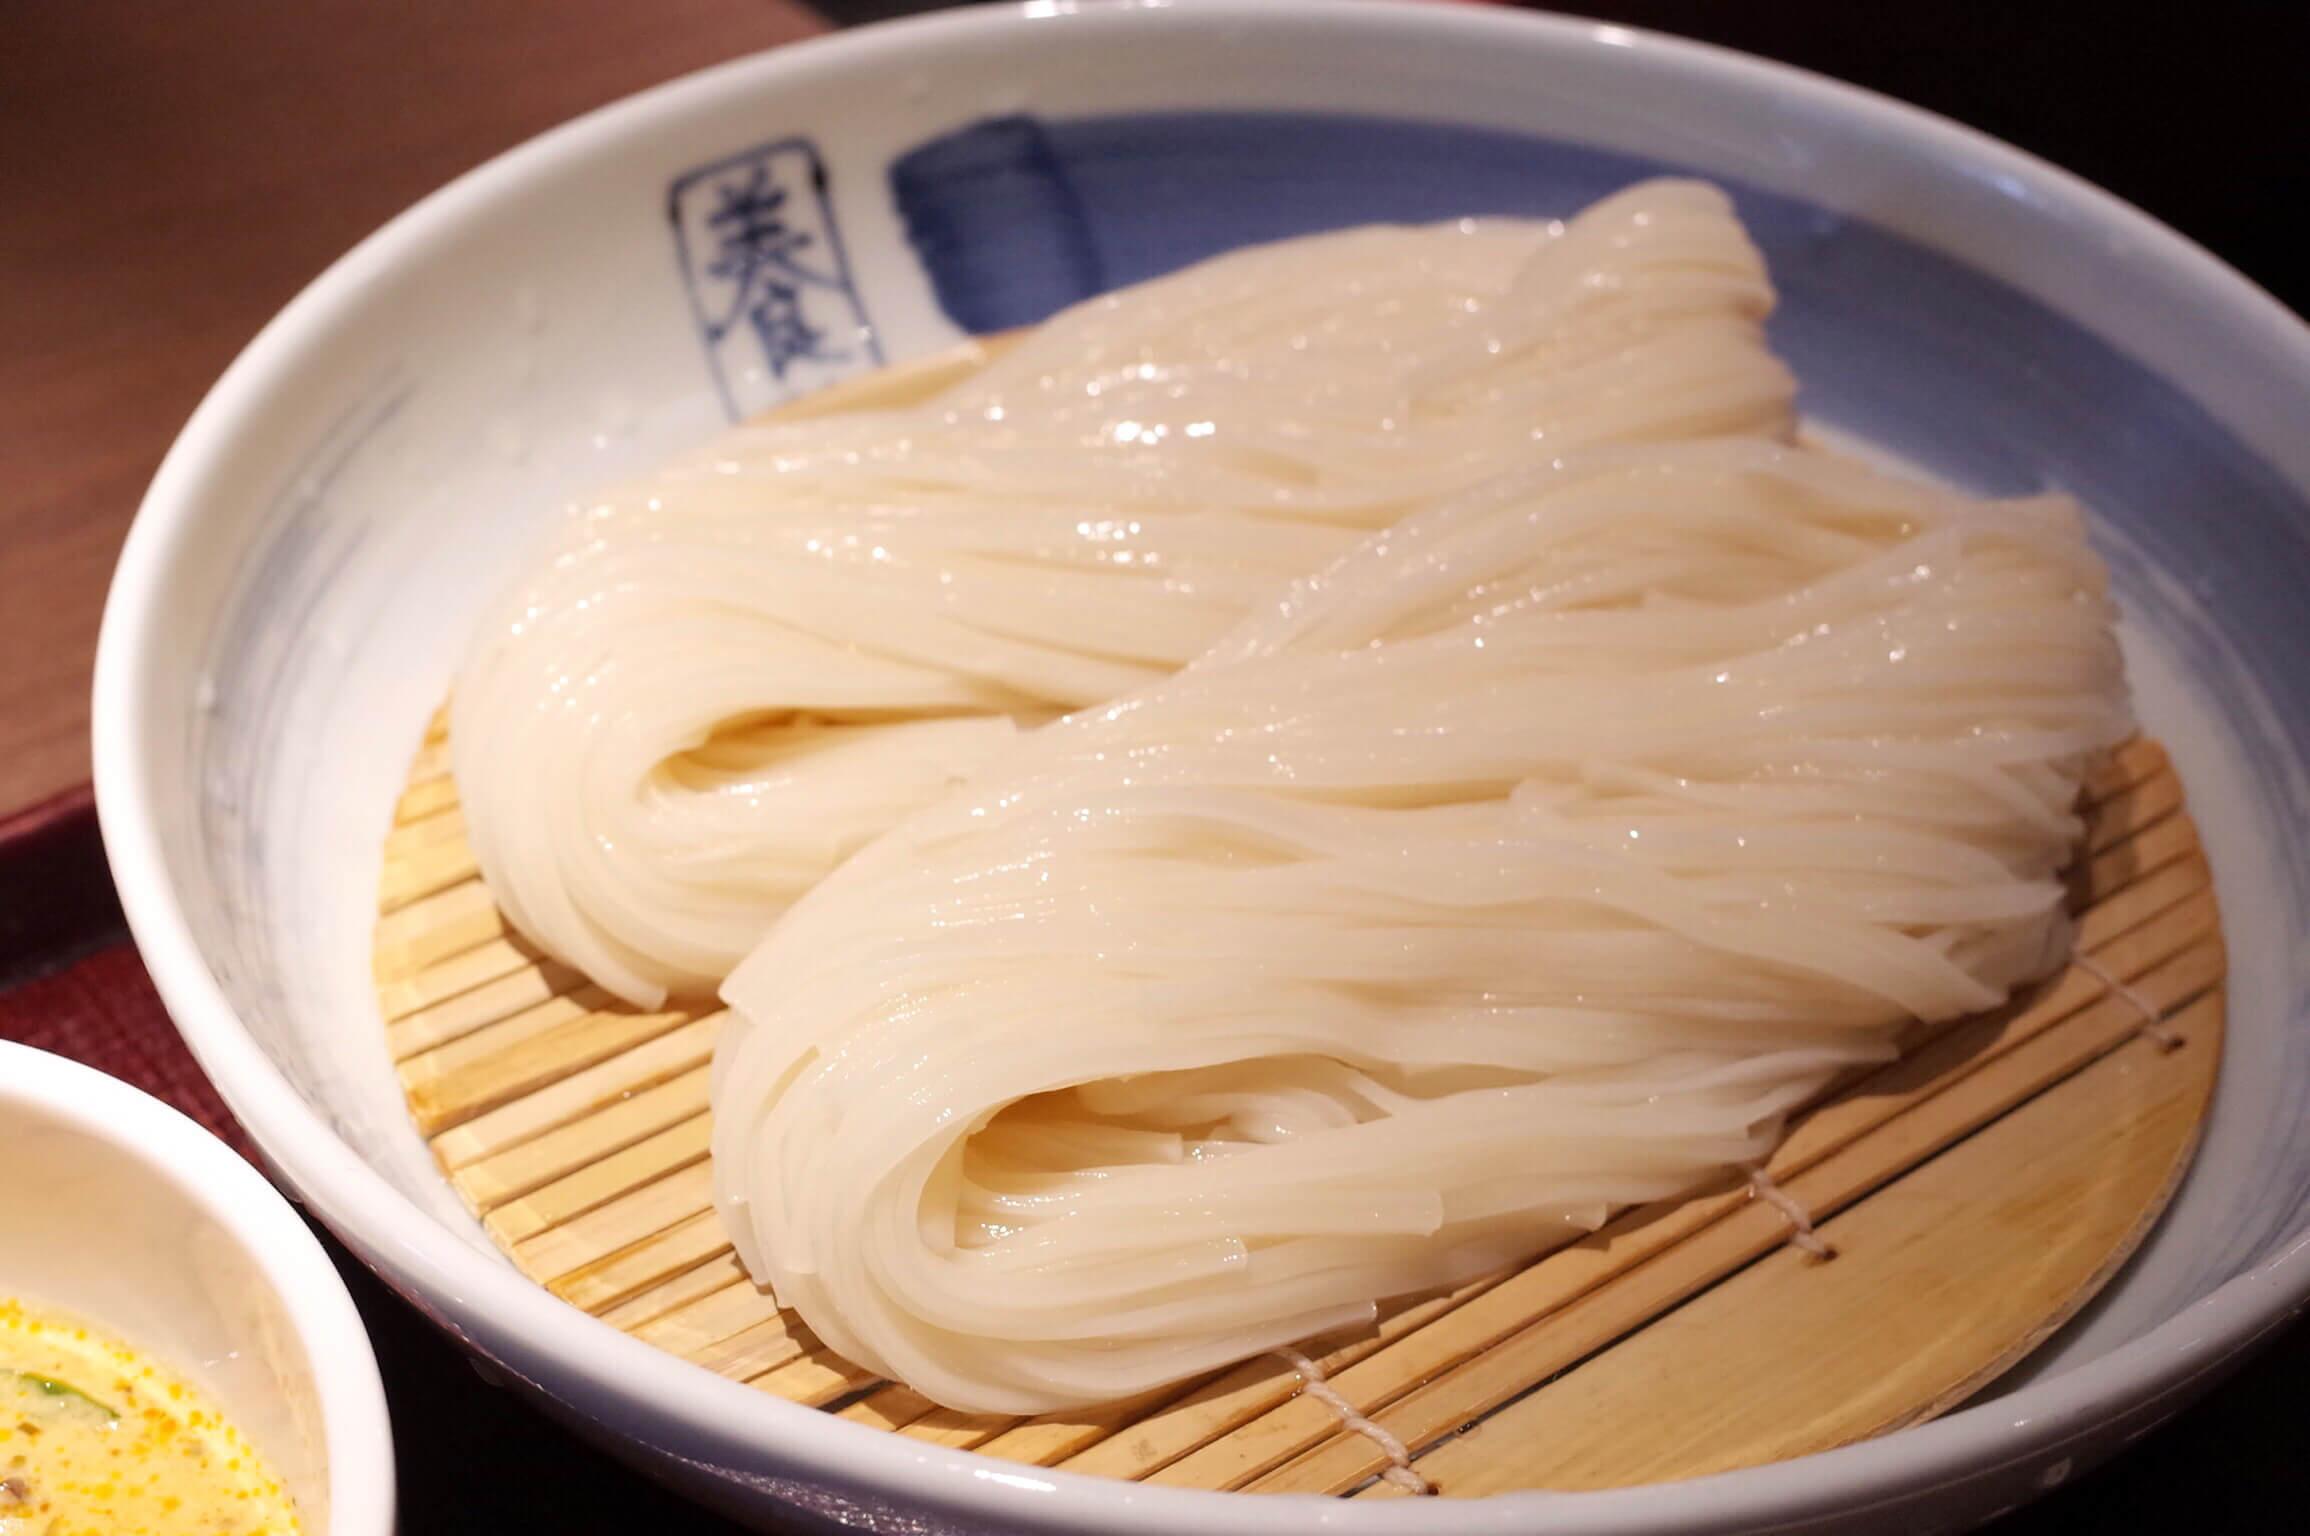 銀座「佐藤養助」稲庭うどんの喉越しがヤバすぎる!名物のグリーンカレーつけ麺をランチで堪能!